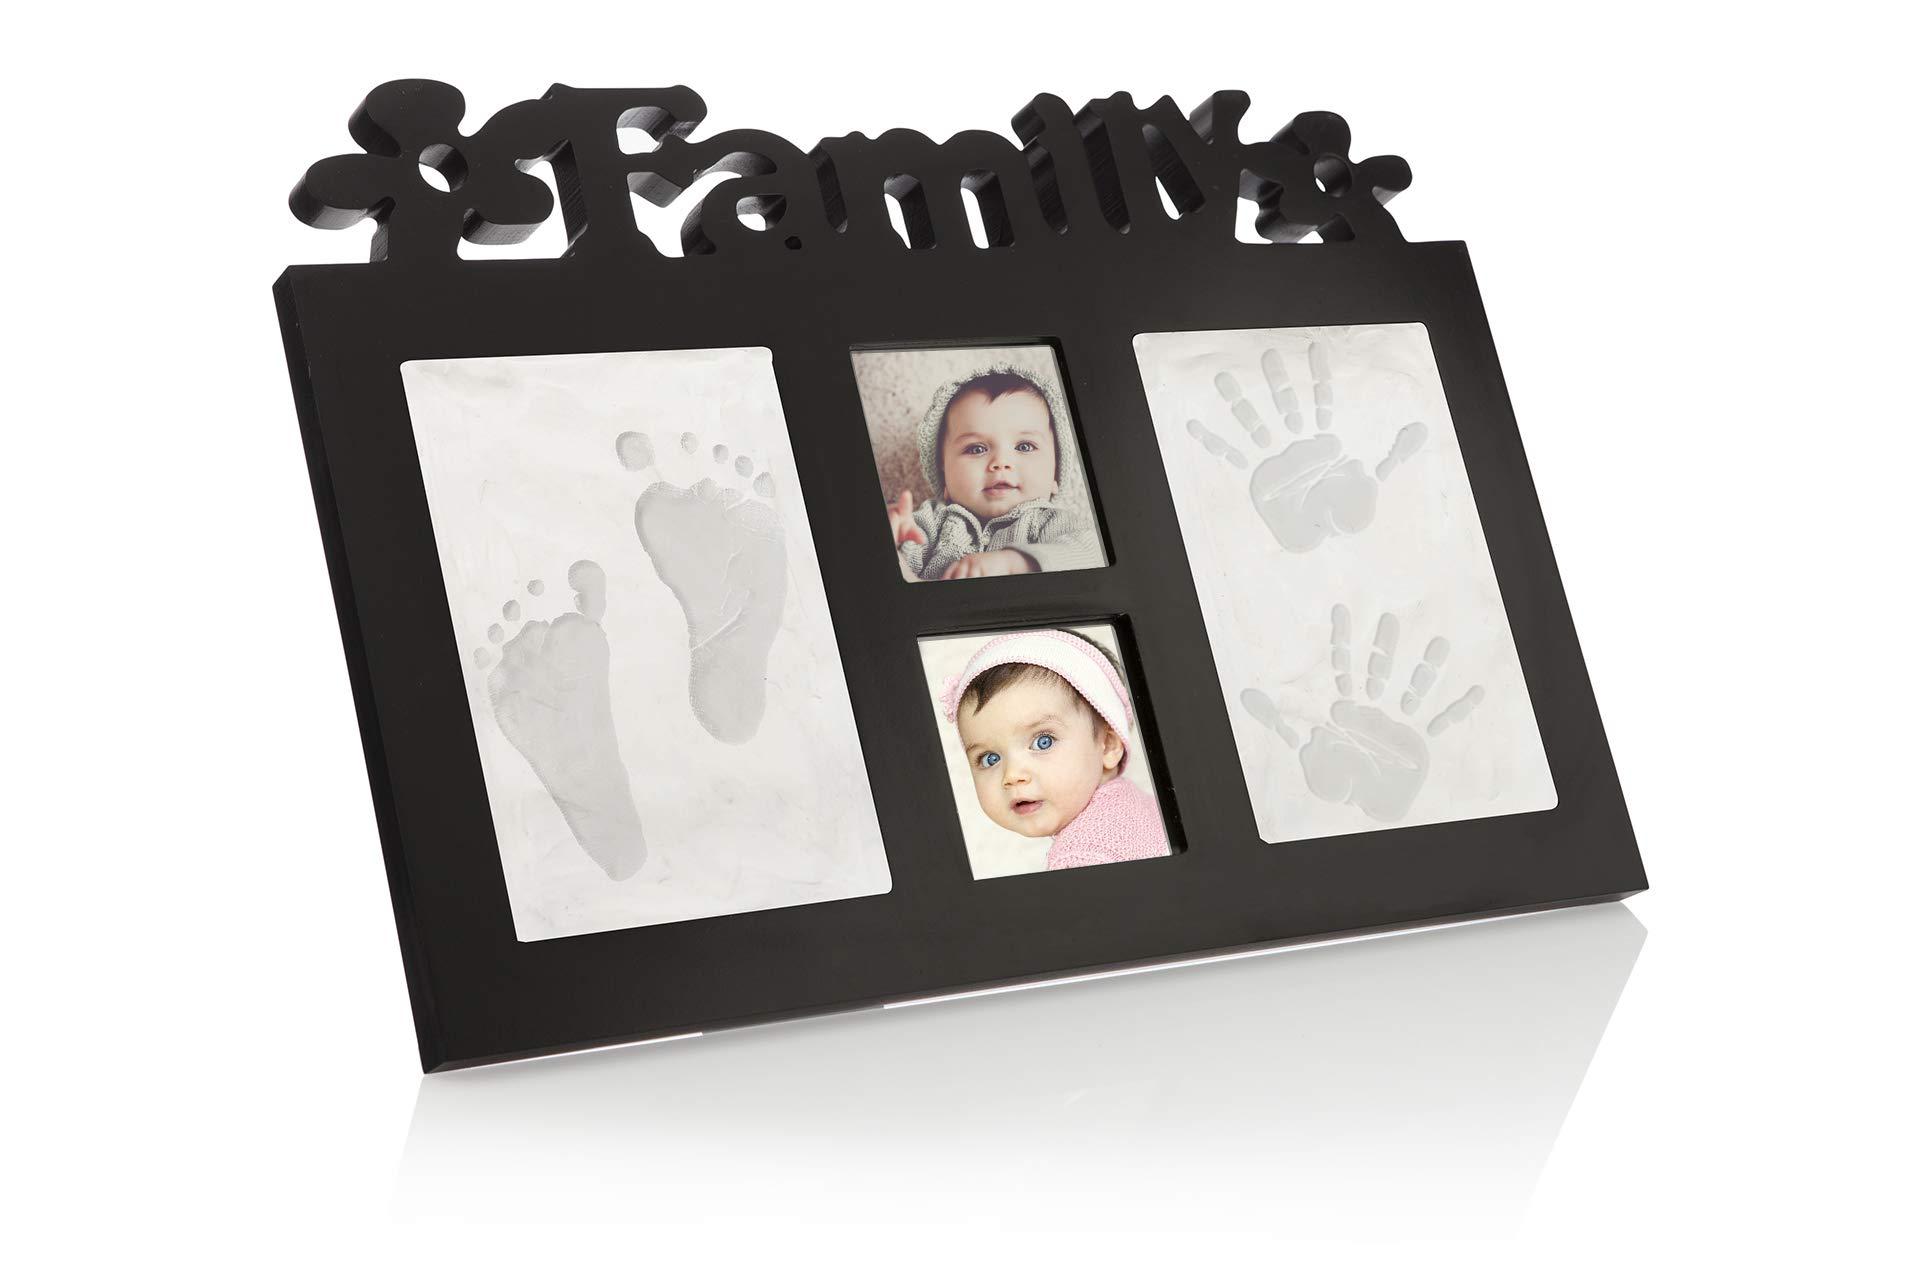 Baby Handprint & Footprint Kit Frame,Gift for Baby Boy & Girl, Keepsake for Newborn